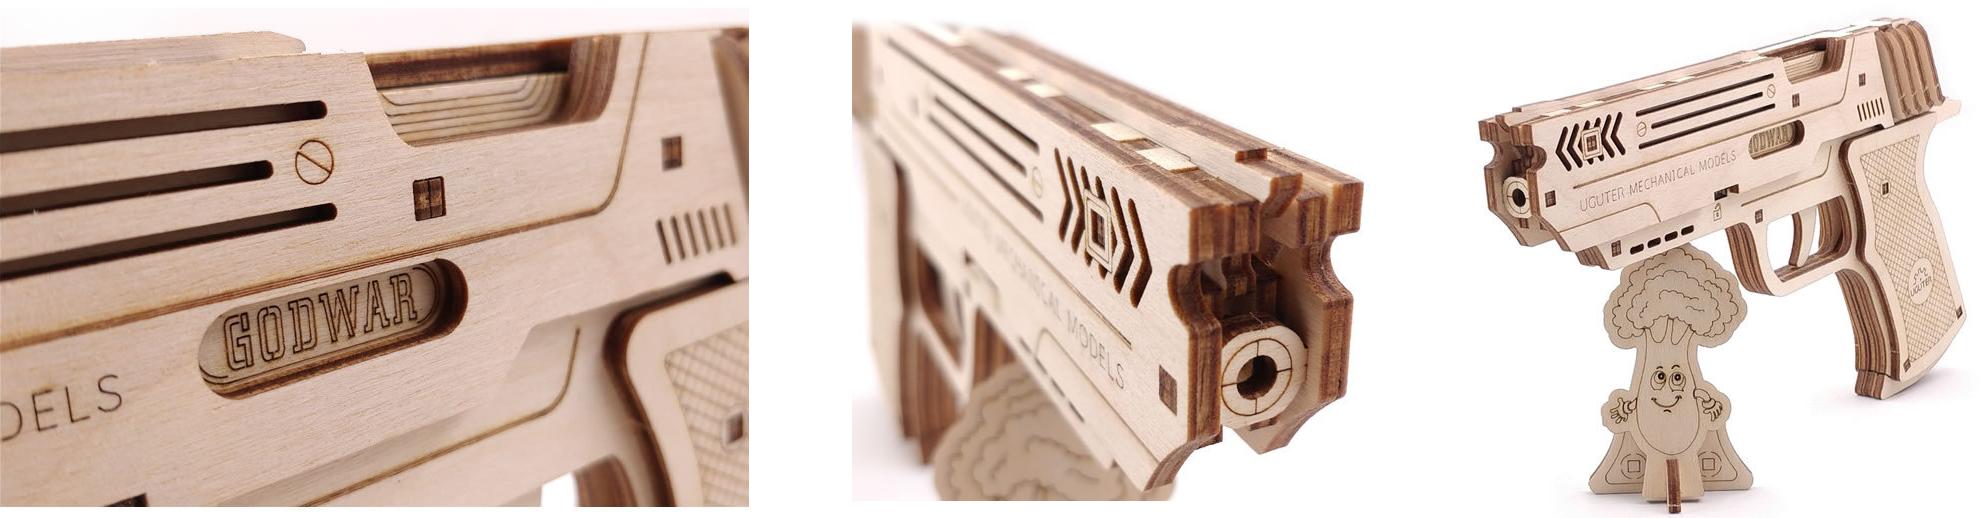 Gummiband Pistole aus Holz Schweiz